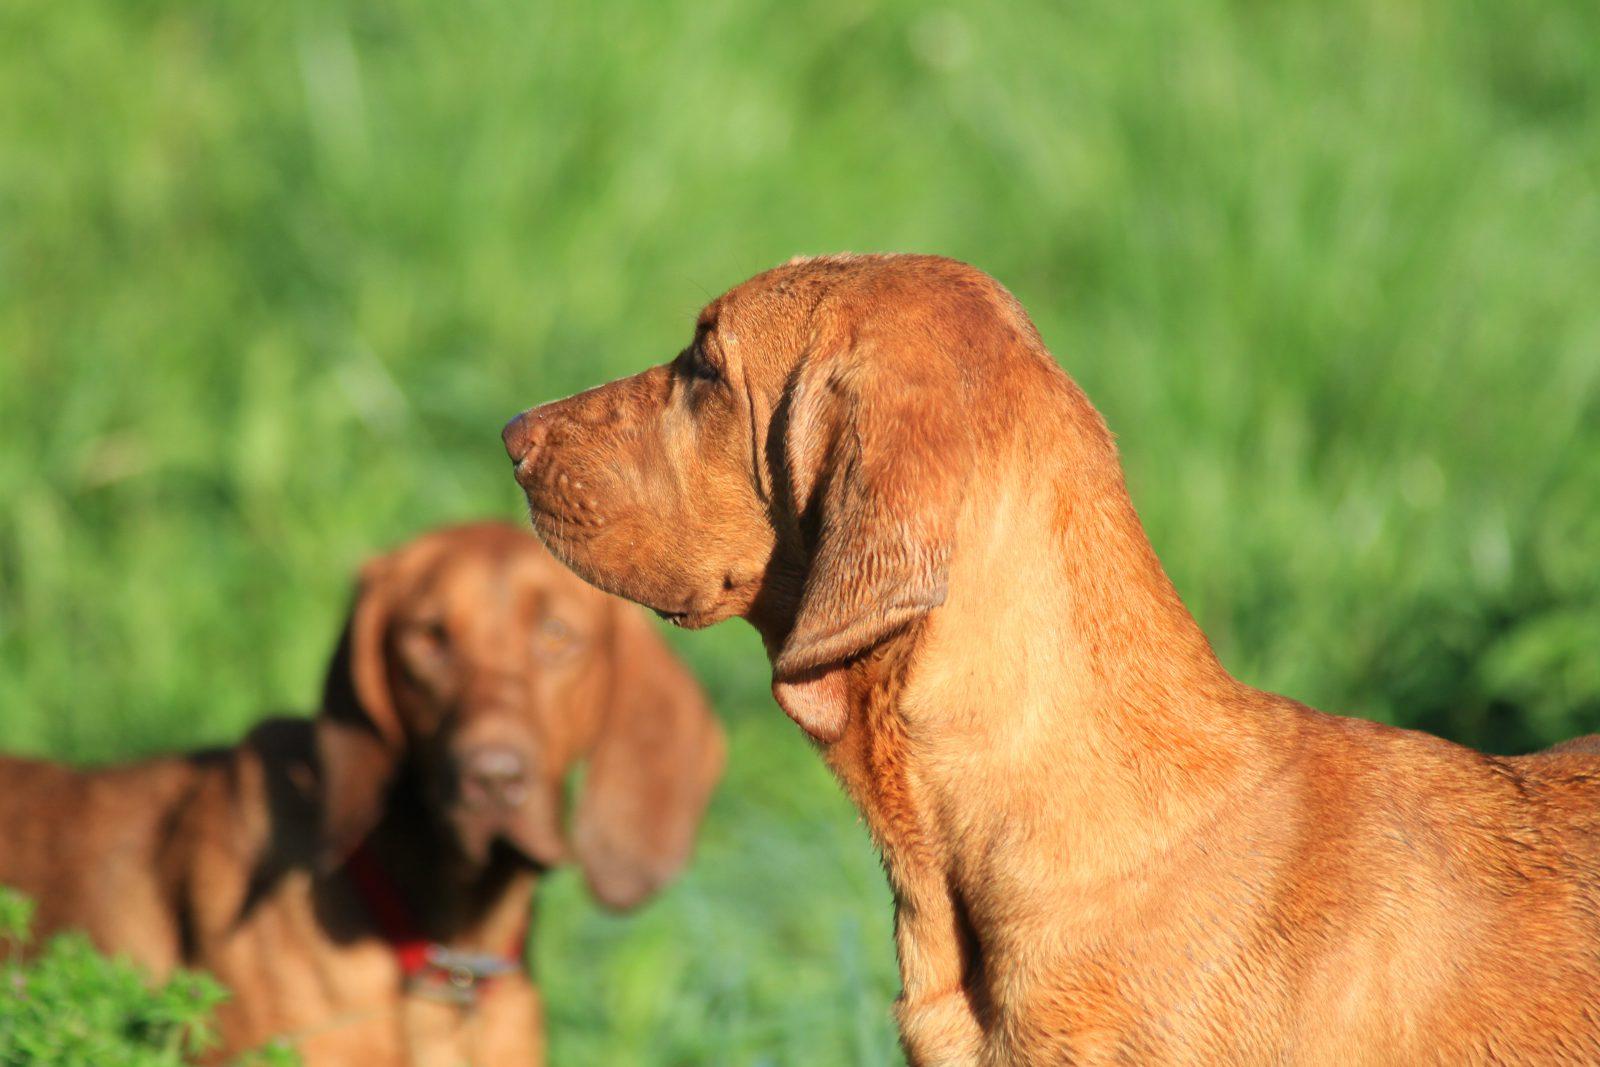 Cachorro latindo: Redbone Coonhound e filhote no jardim brincando juntos.